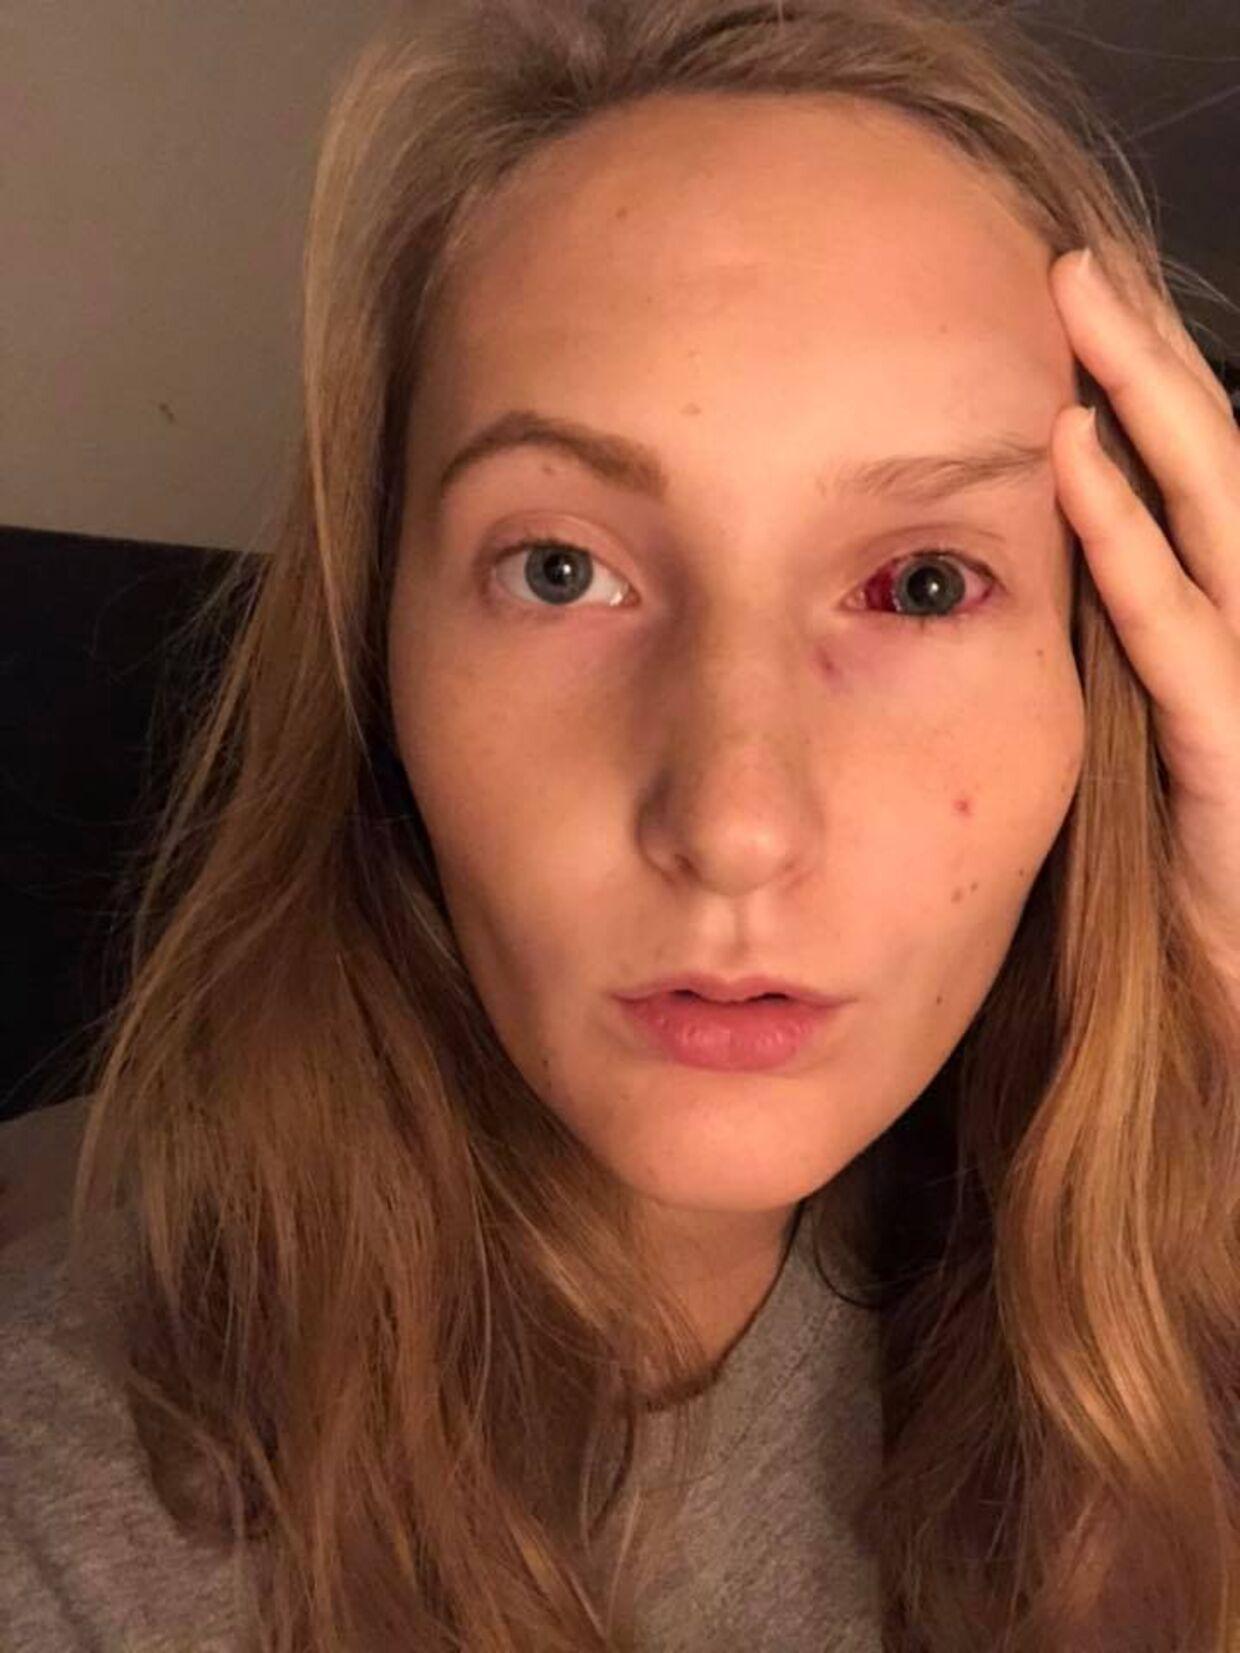 Christina Malmers venstre øje drejer sig ikke længere ind mod næsen. Hun kan nu se ligeud - naturligvis til stor glæde for den 20-årige. Privatfoto